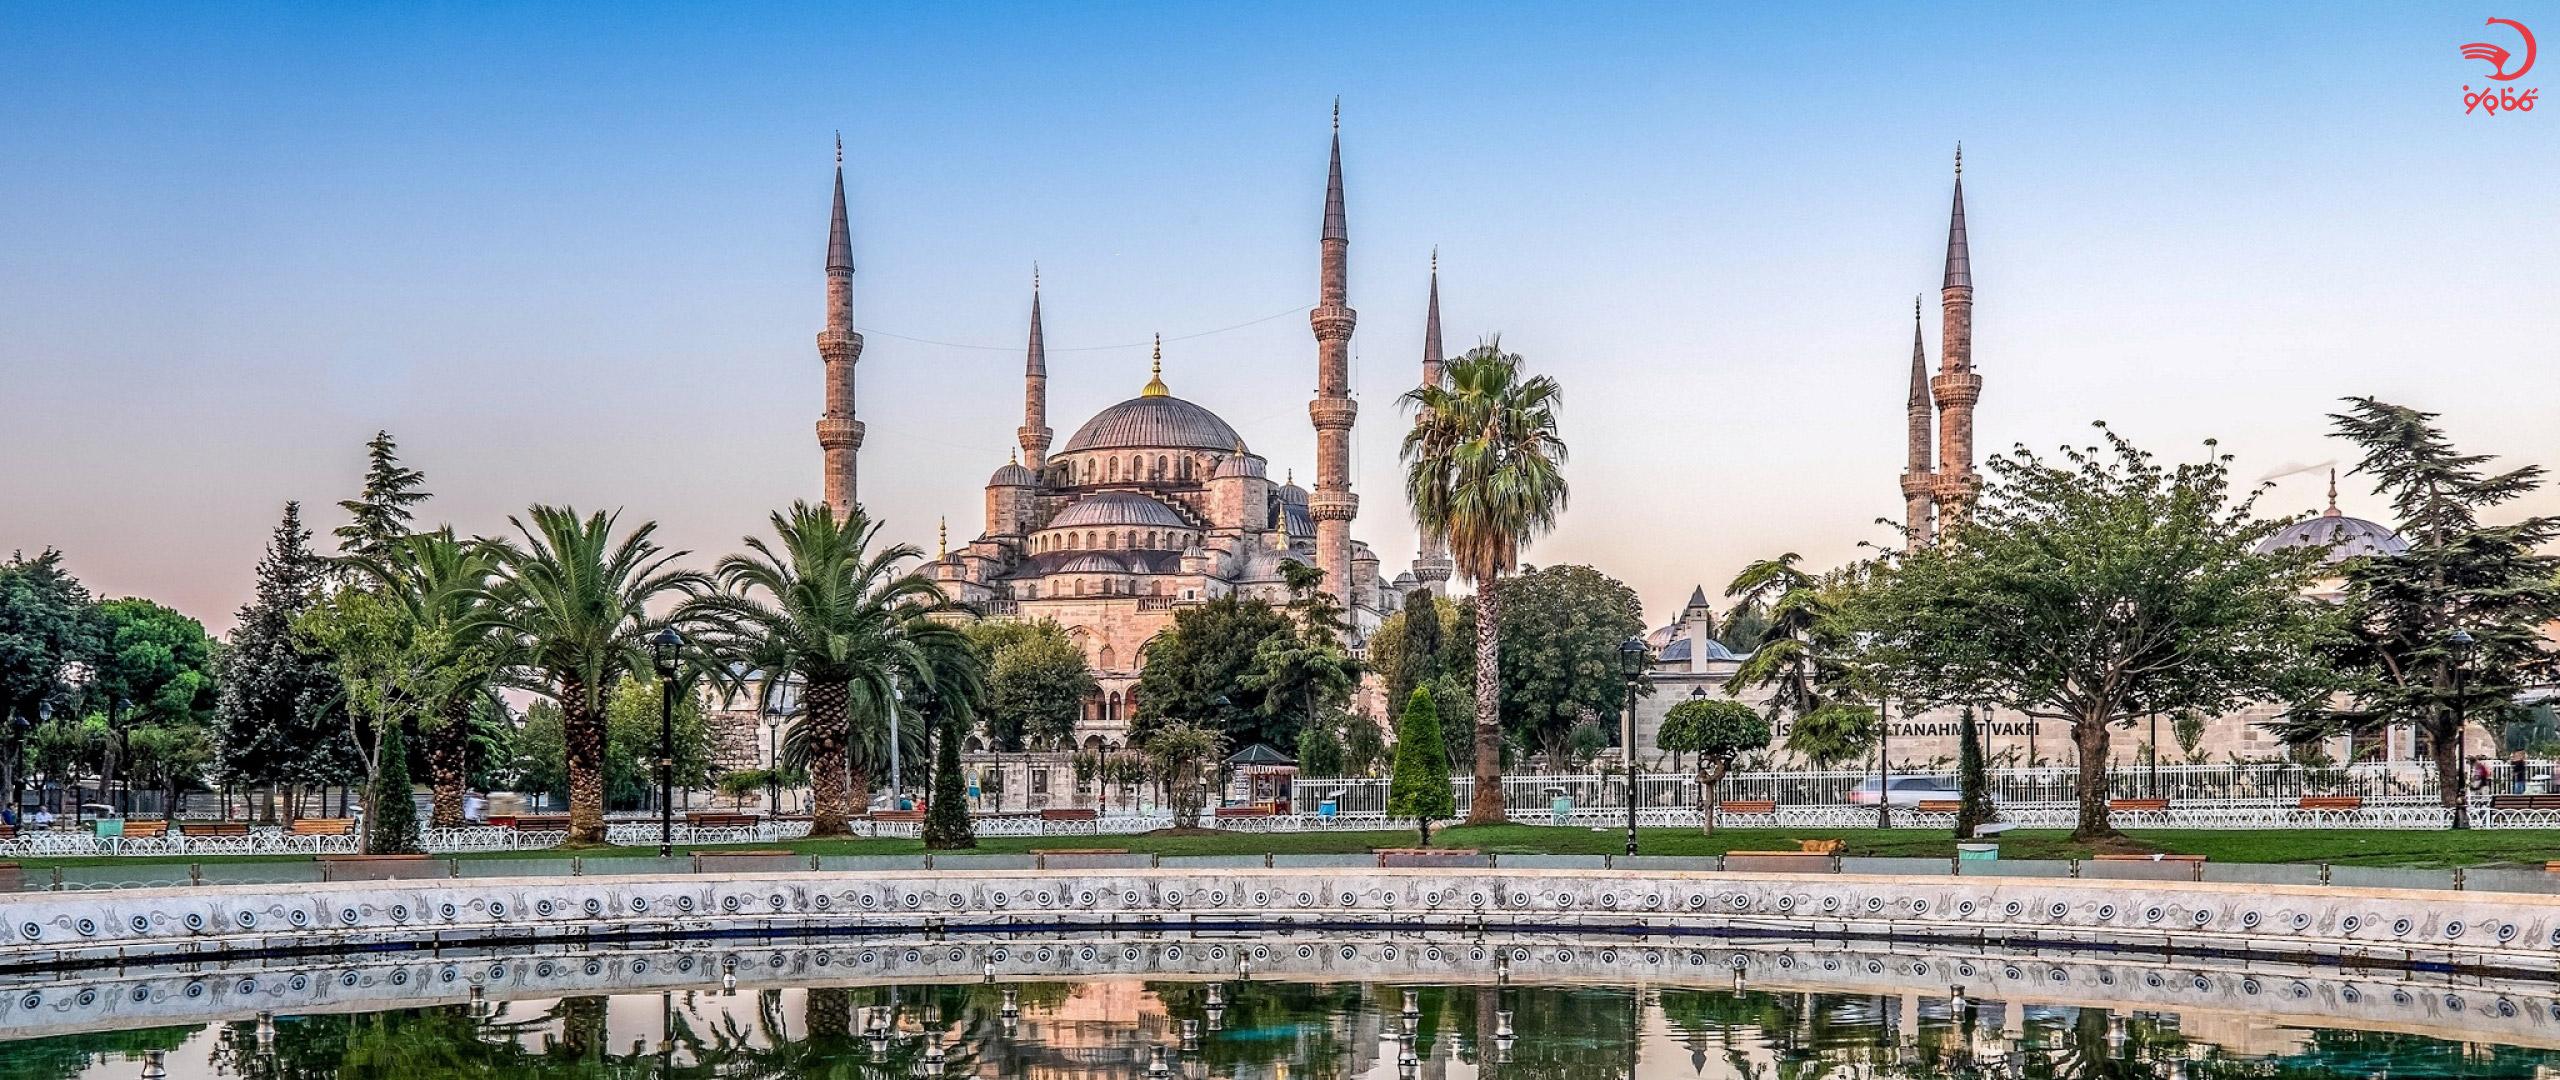 مسجد استانبول